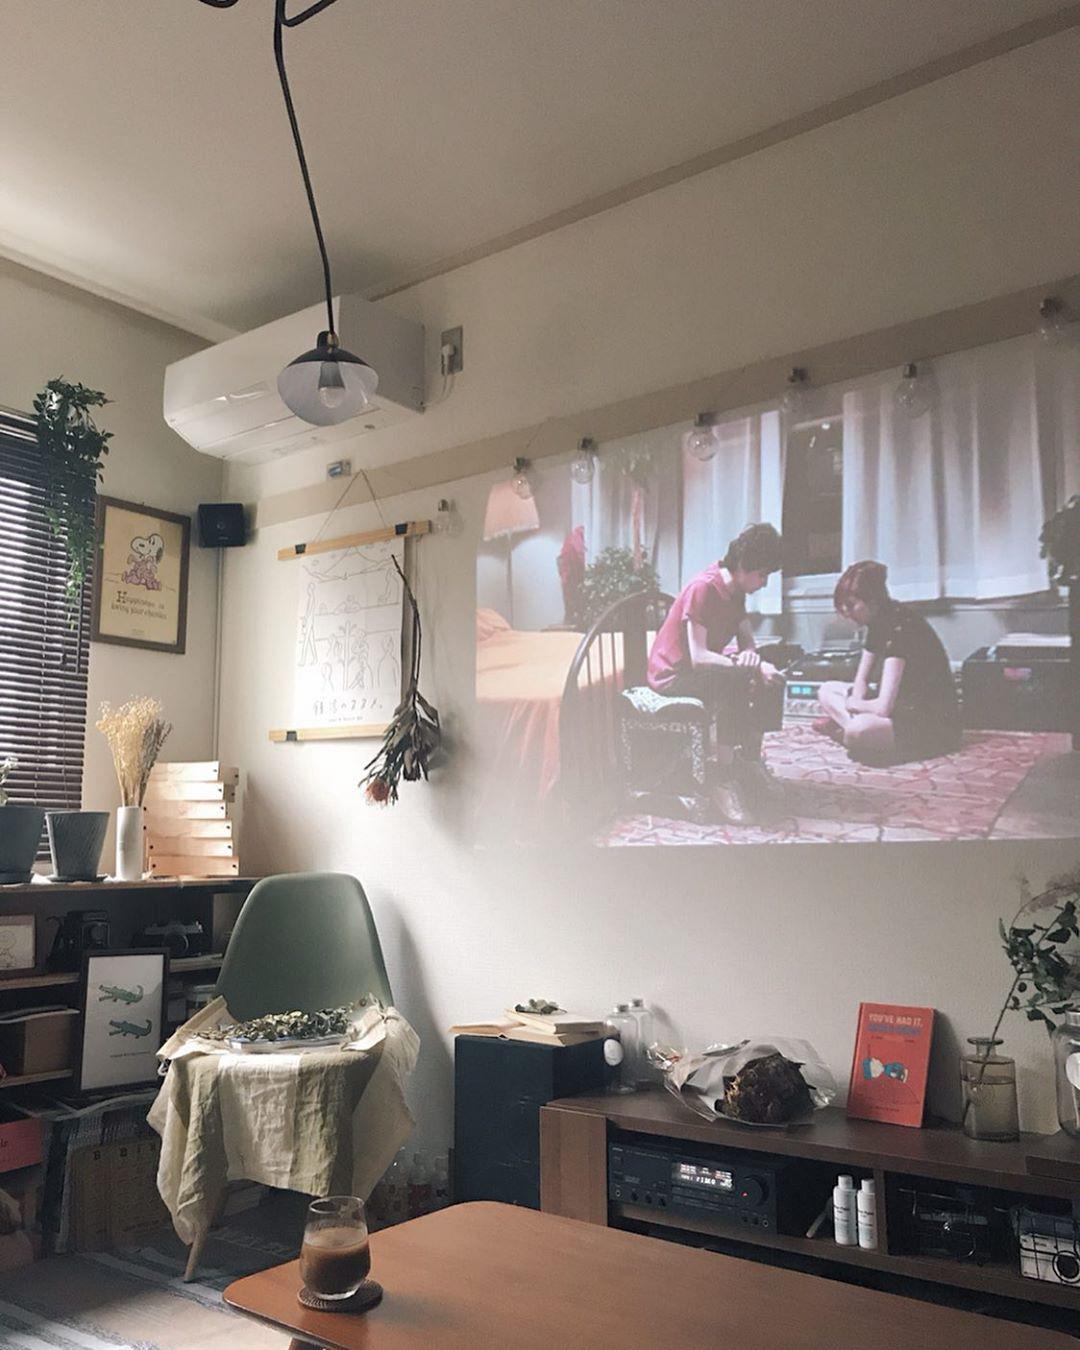 ソファの後ろにはプロジェクタが置ける棚をDIYで設置。大画面で映画などを楽しみます。